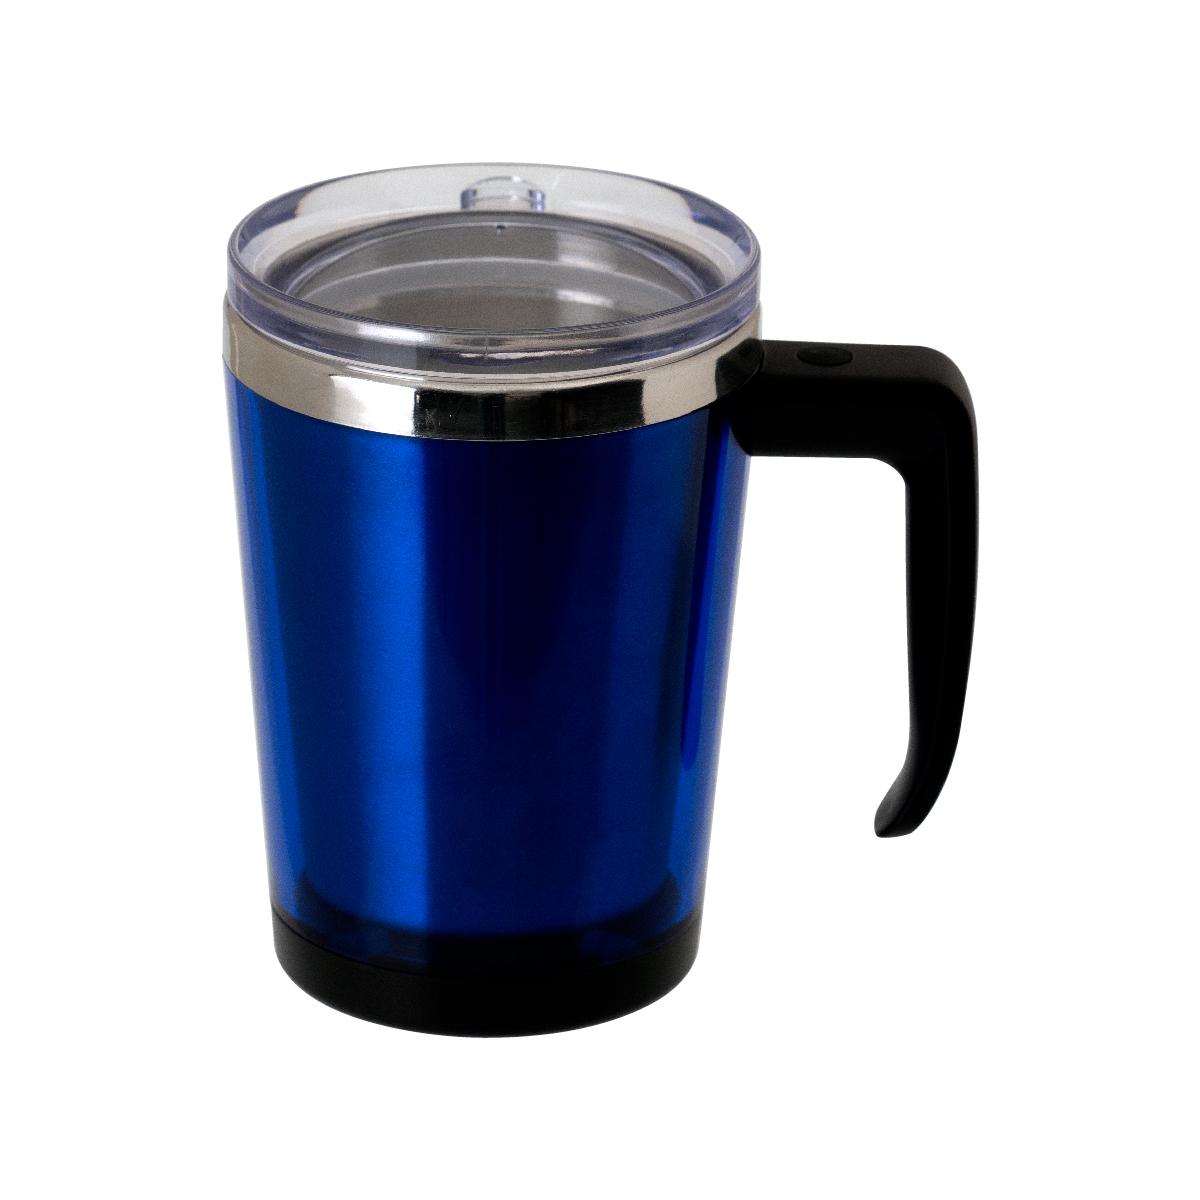 中空マグカップ 330ml ブルー